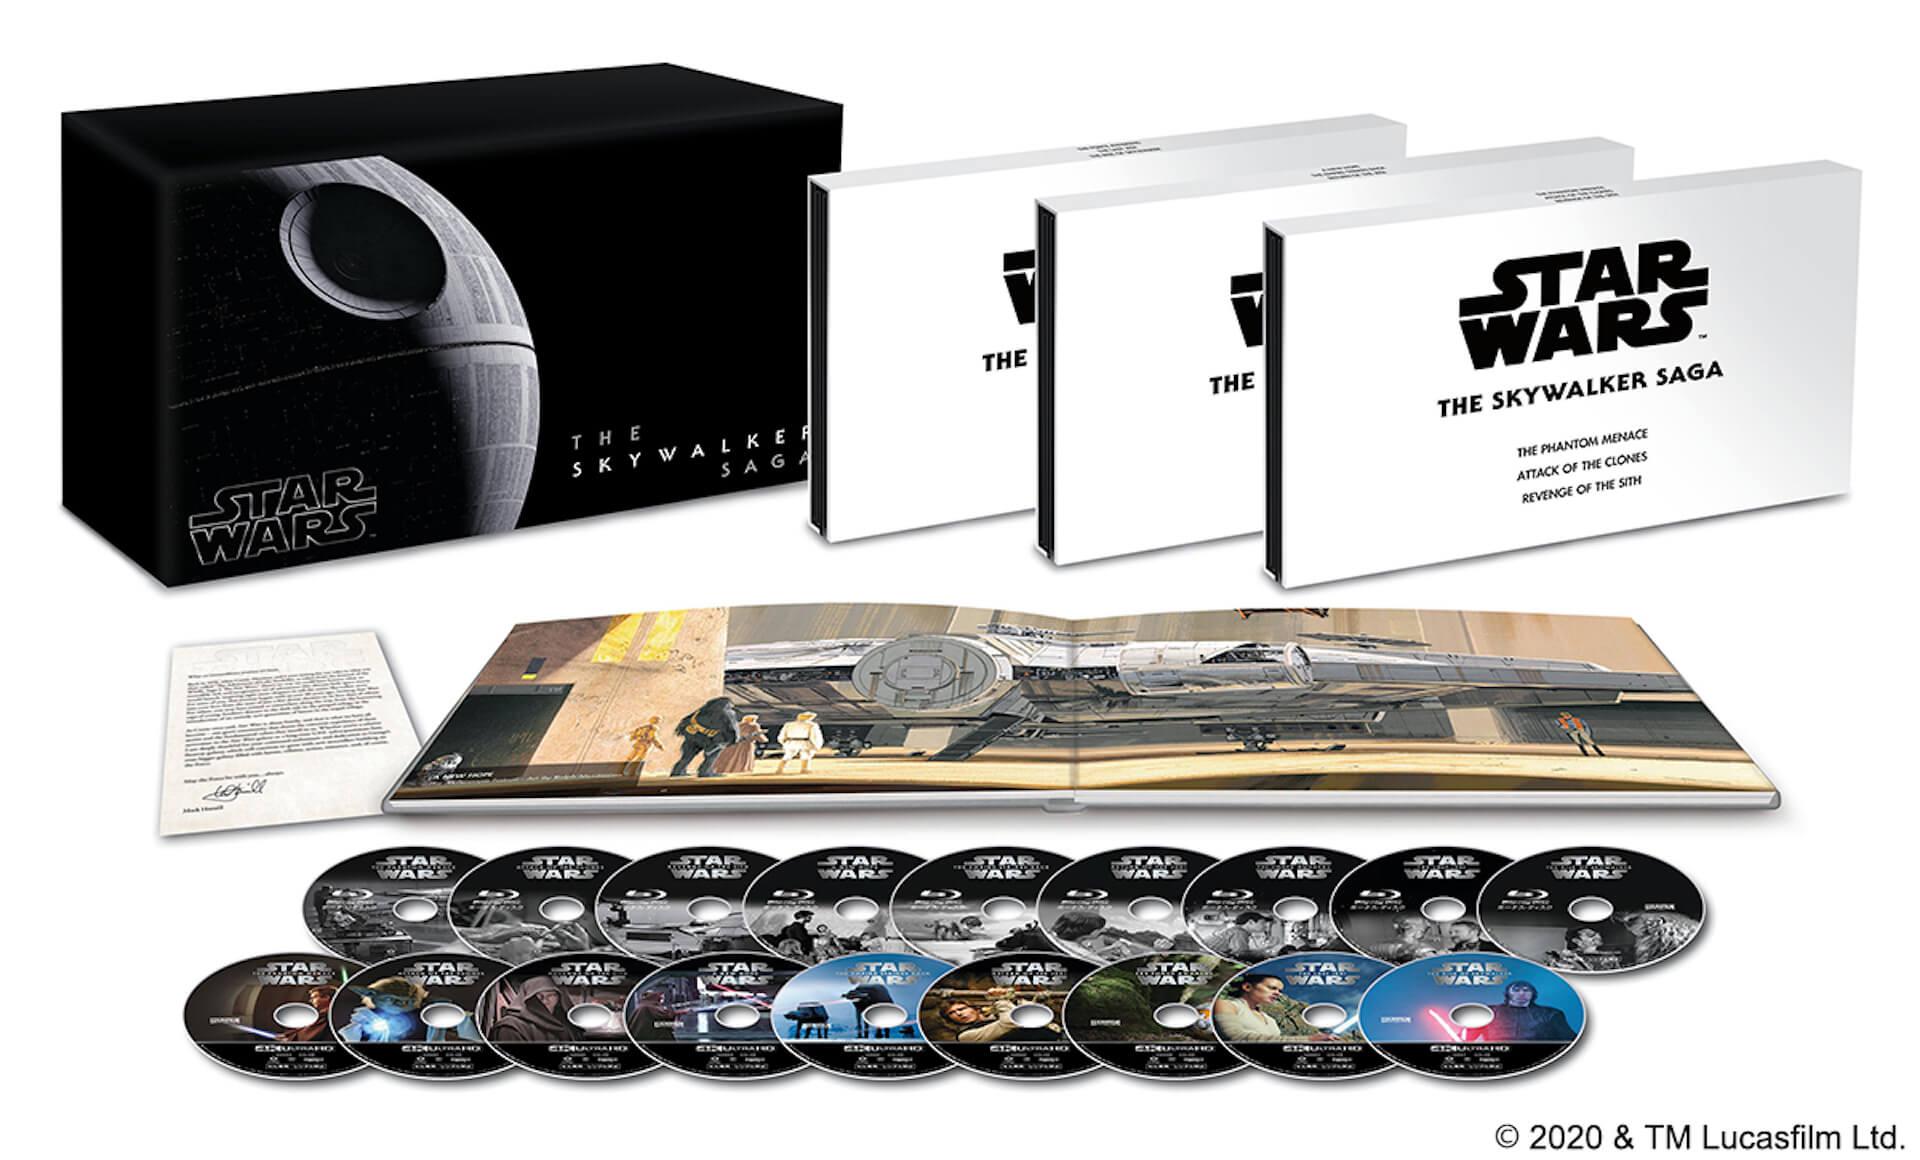 ついに『スター・ウォーズ/スカイウォーカーの夜明け』のMovieNEXが登場!サーガ全9作をコンプリートしたBOX盤も発売 video200306_starwars_bluray_6